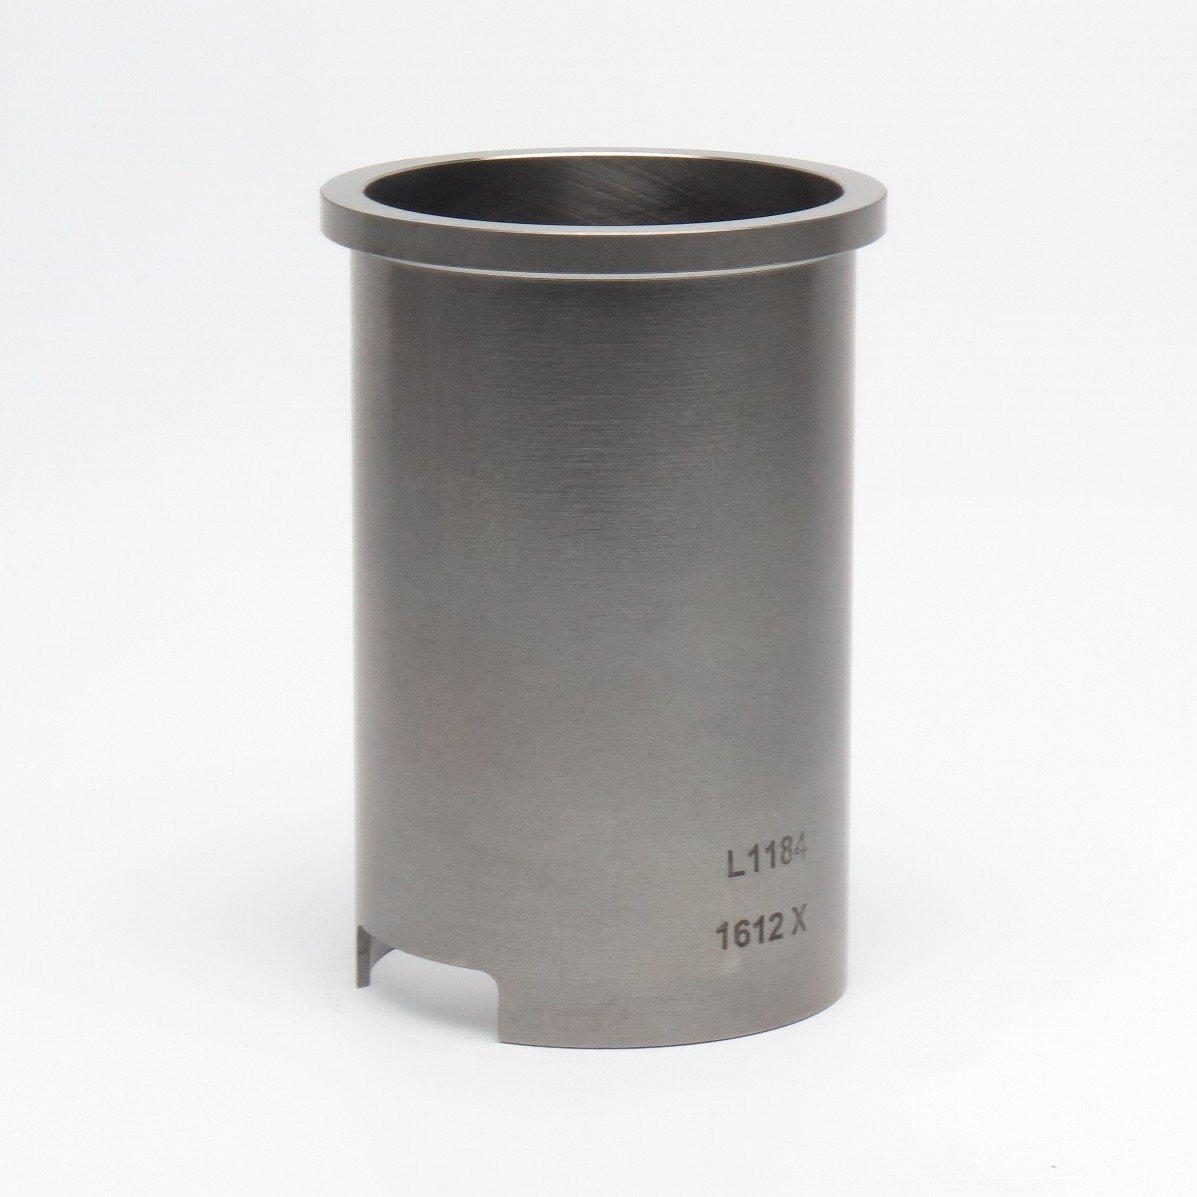 L 1184 - Cylinder Repair Liner